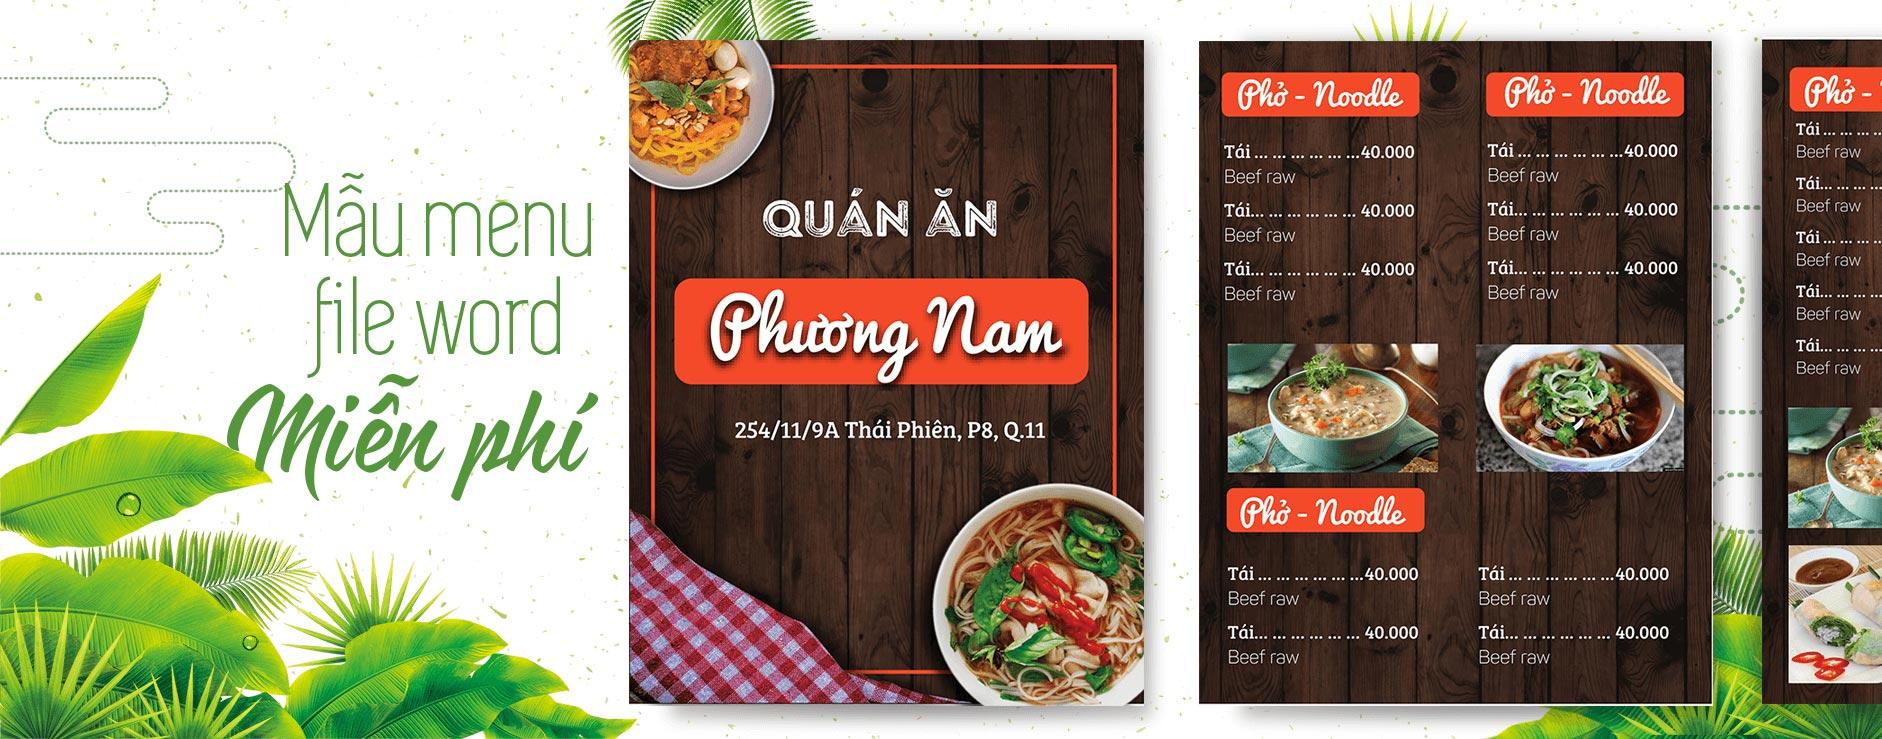 menu-word-8